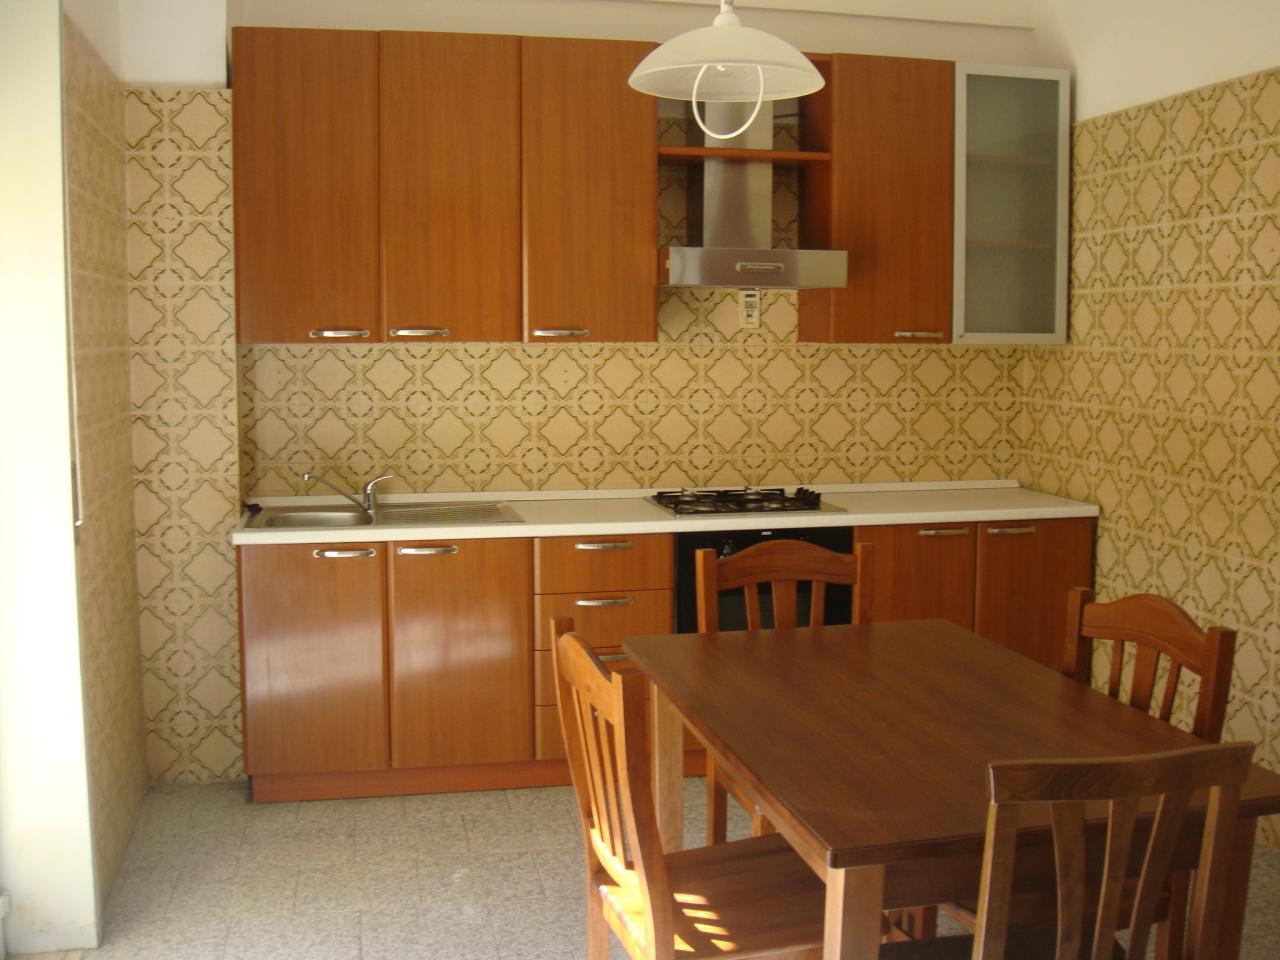 affitto appartamento reggio di calabria   400 euro  4 locali  100 mq